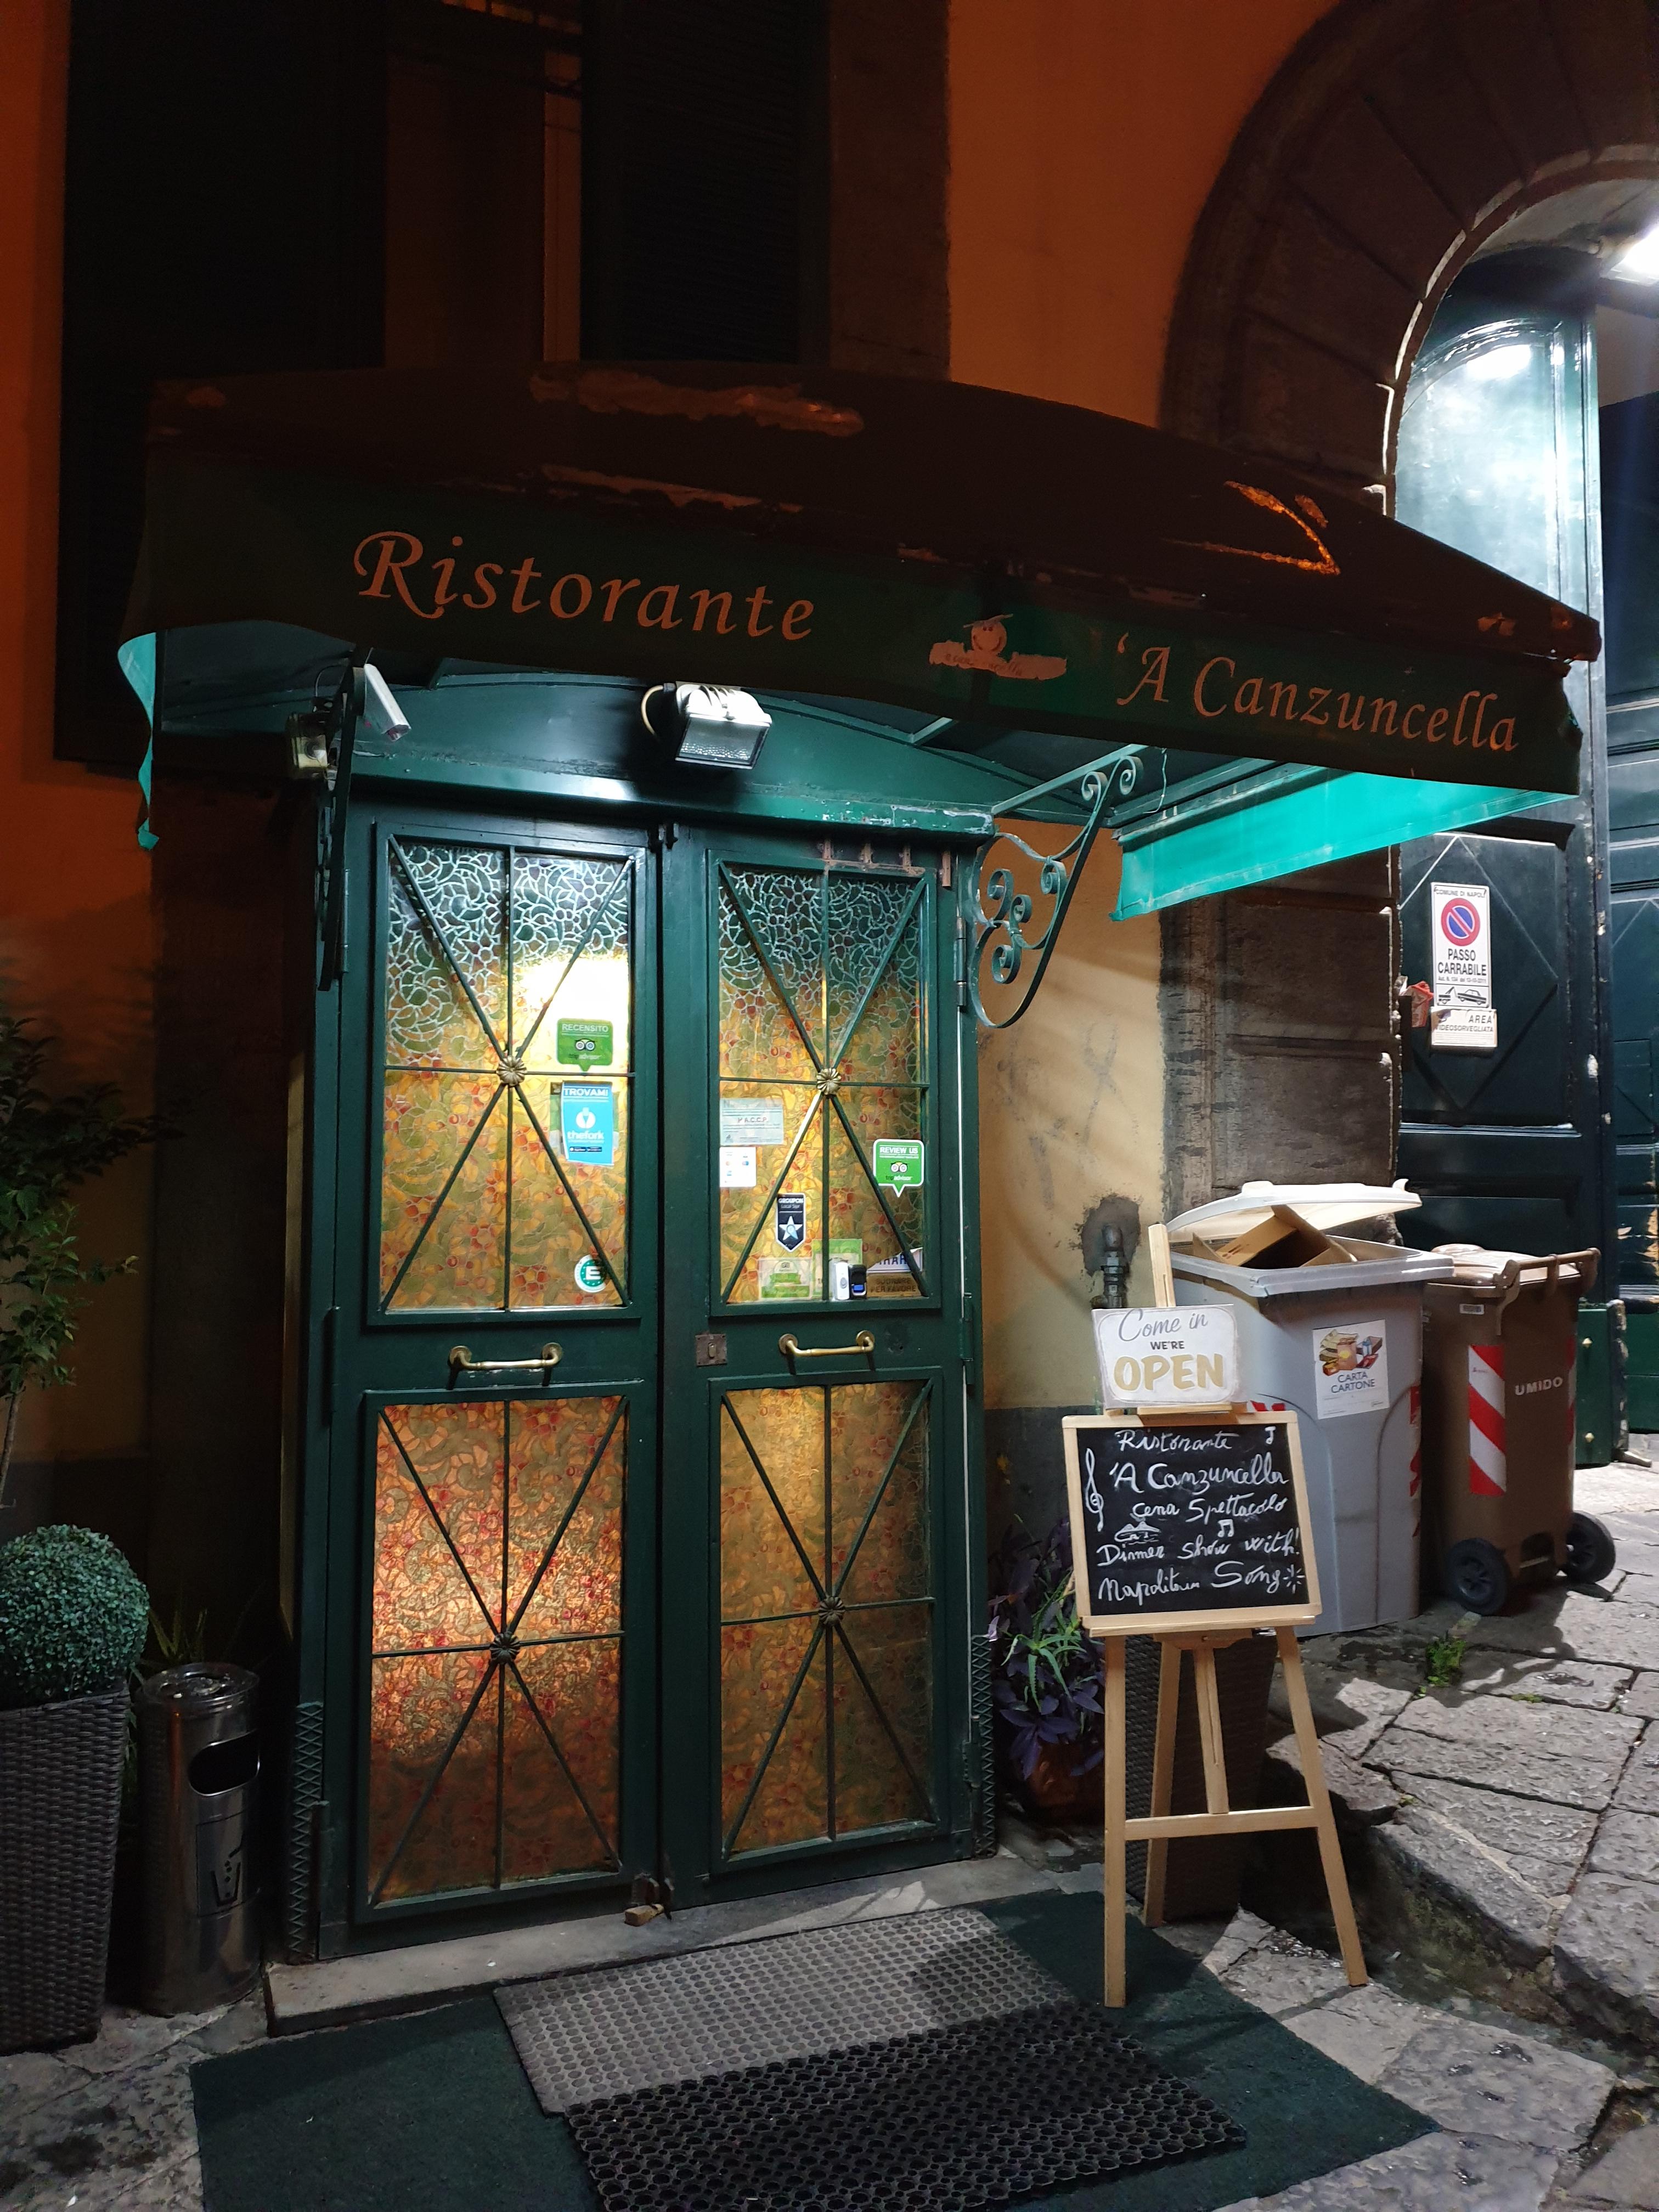 Ristorante 'A Canzuncella - Napoli